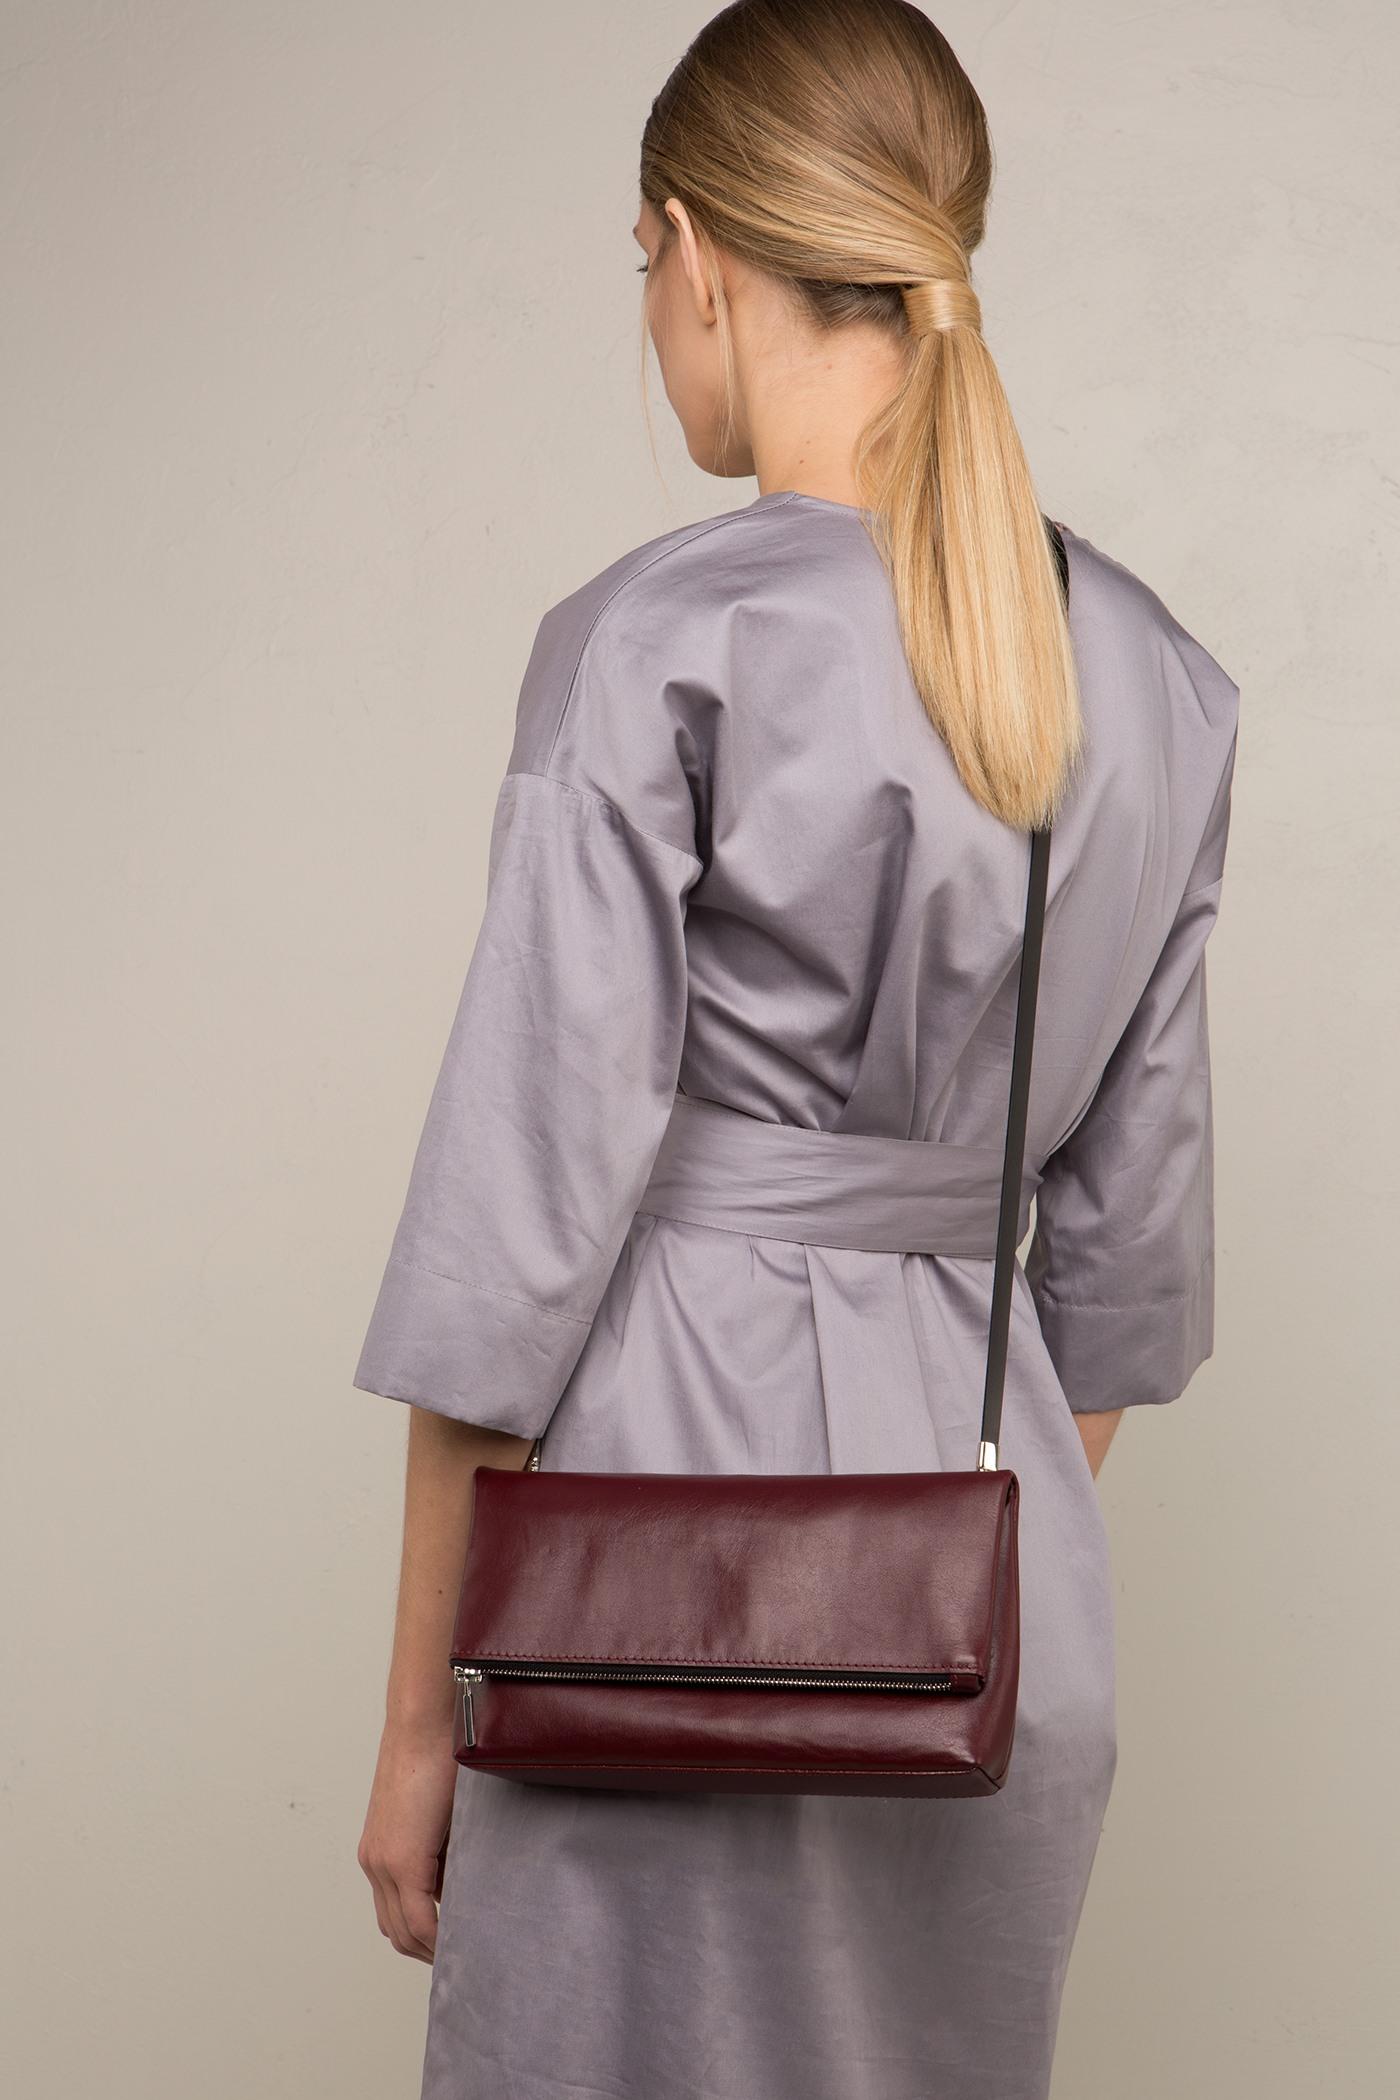 Сумка-клатчОткидной сумка-клатч с ремешком. Задний карман на молнии. Внутреннее отделение на подкладке застегивается сверху на молнию. Съемный регулируемый ремешок через плечо. Дополнительно, к данной модели сумки вы можете выбрать любой  съемный ремешок, который входит в стоимость комплекта.&#13;<br>&#13;<br>Размеры&#13;<br>Высота: 14 см&#13;<br>Длина: 25 см&#13;<br>Глубина: 5 см&#13;<br>Высота ремешка: max 122 - min 96 см&#13;<br>Высота ремешка: 80 см<br><br>Цвет: Черный, Красный, Капучино